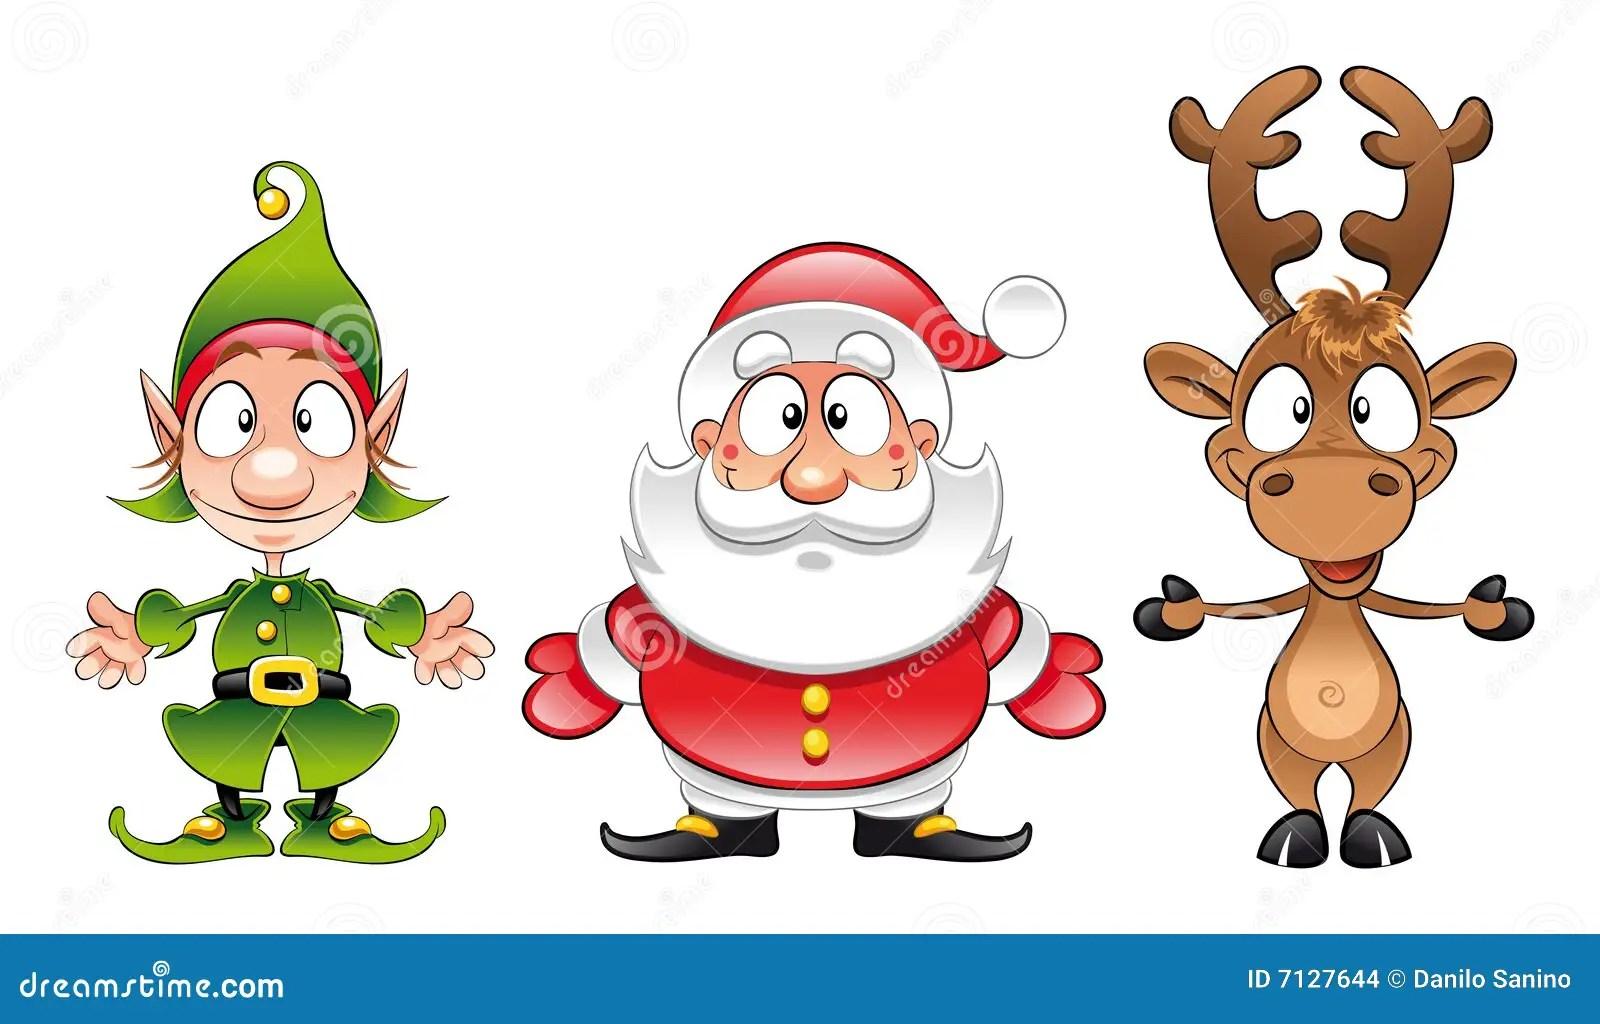 Le Pere Noel Elfe Rudolph Illustration De Vecteur